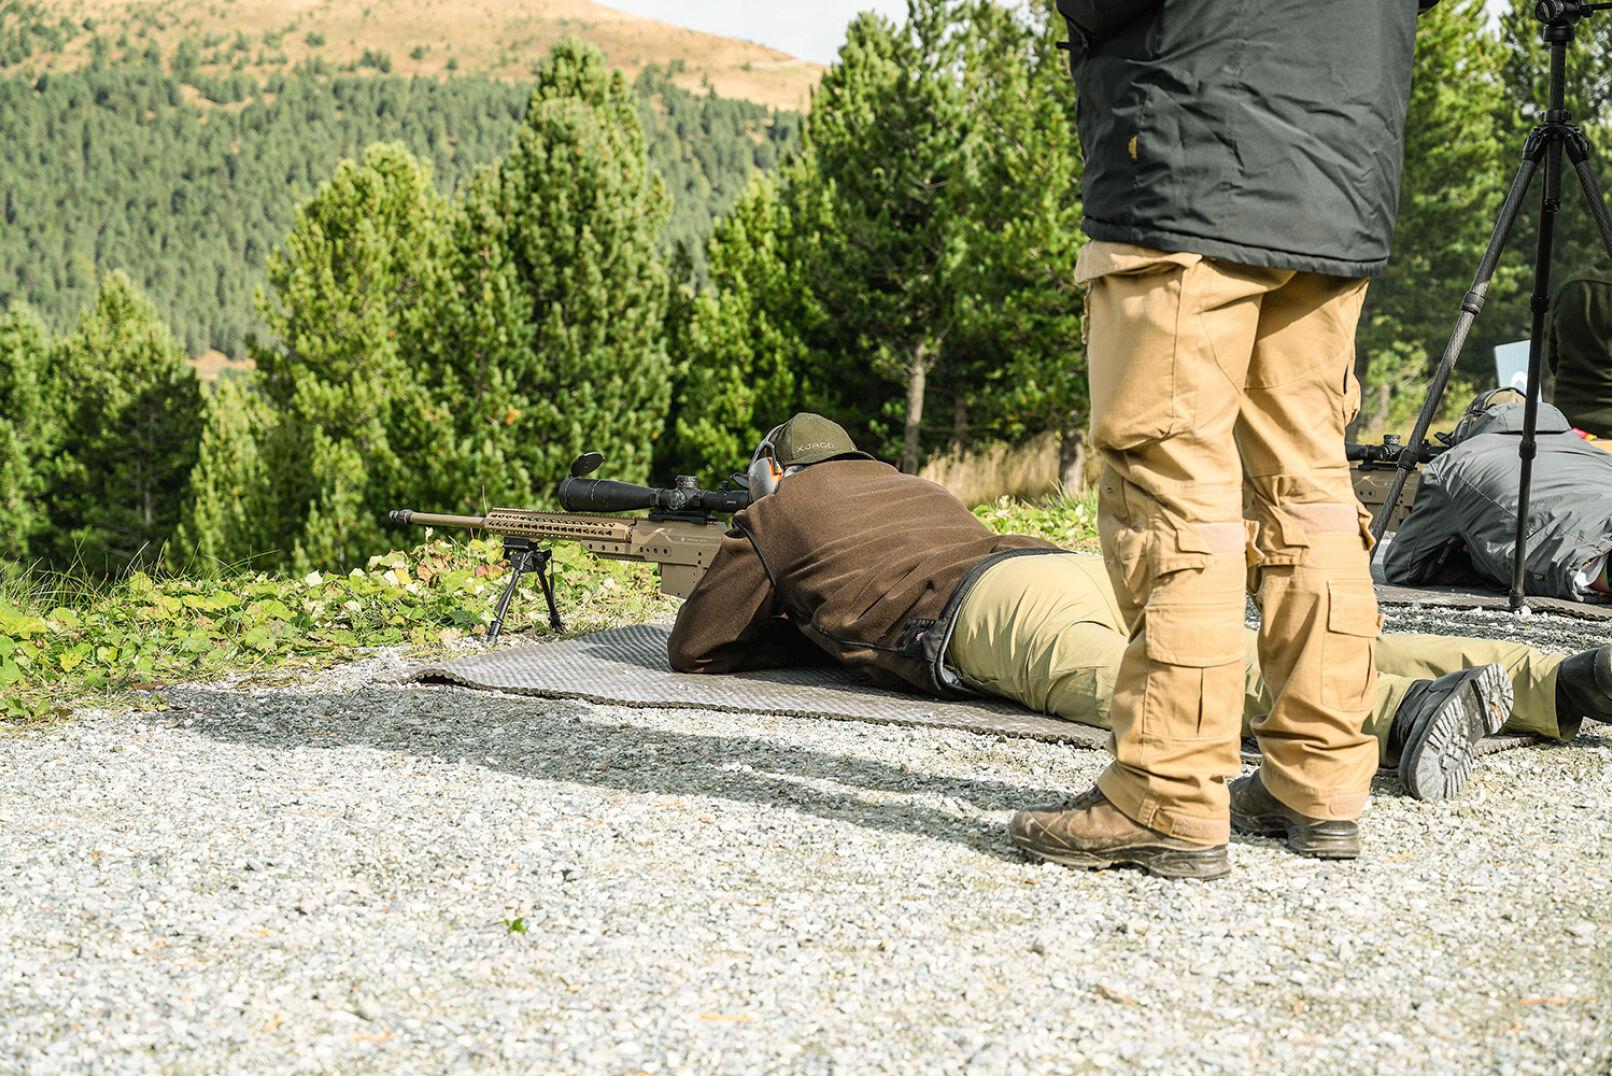 Schießdisziplin 1: liegend, SSG M1, Kal. .338 Lapua Mag., 600 m - © Oliver Deck